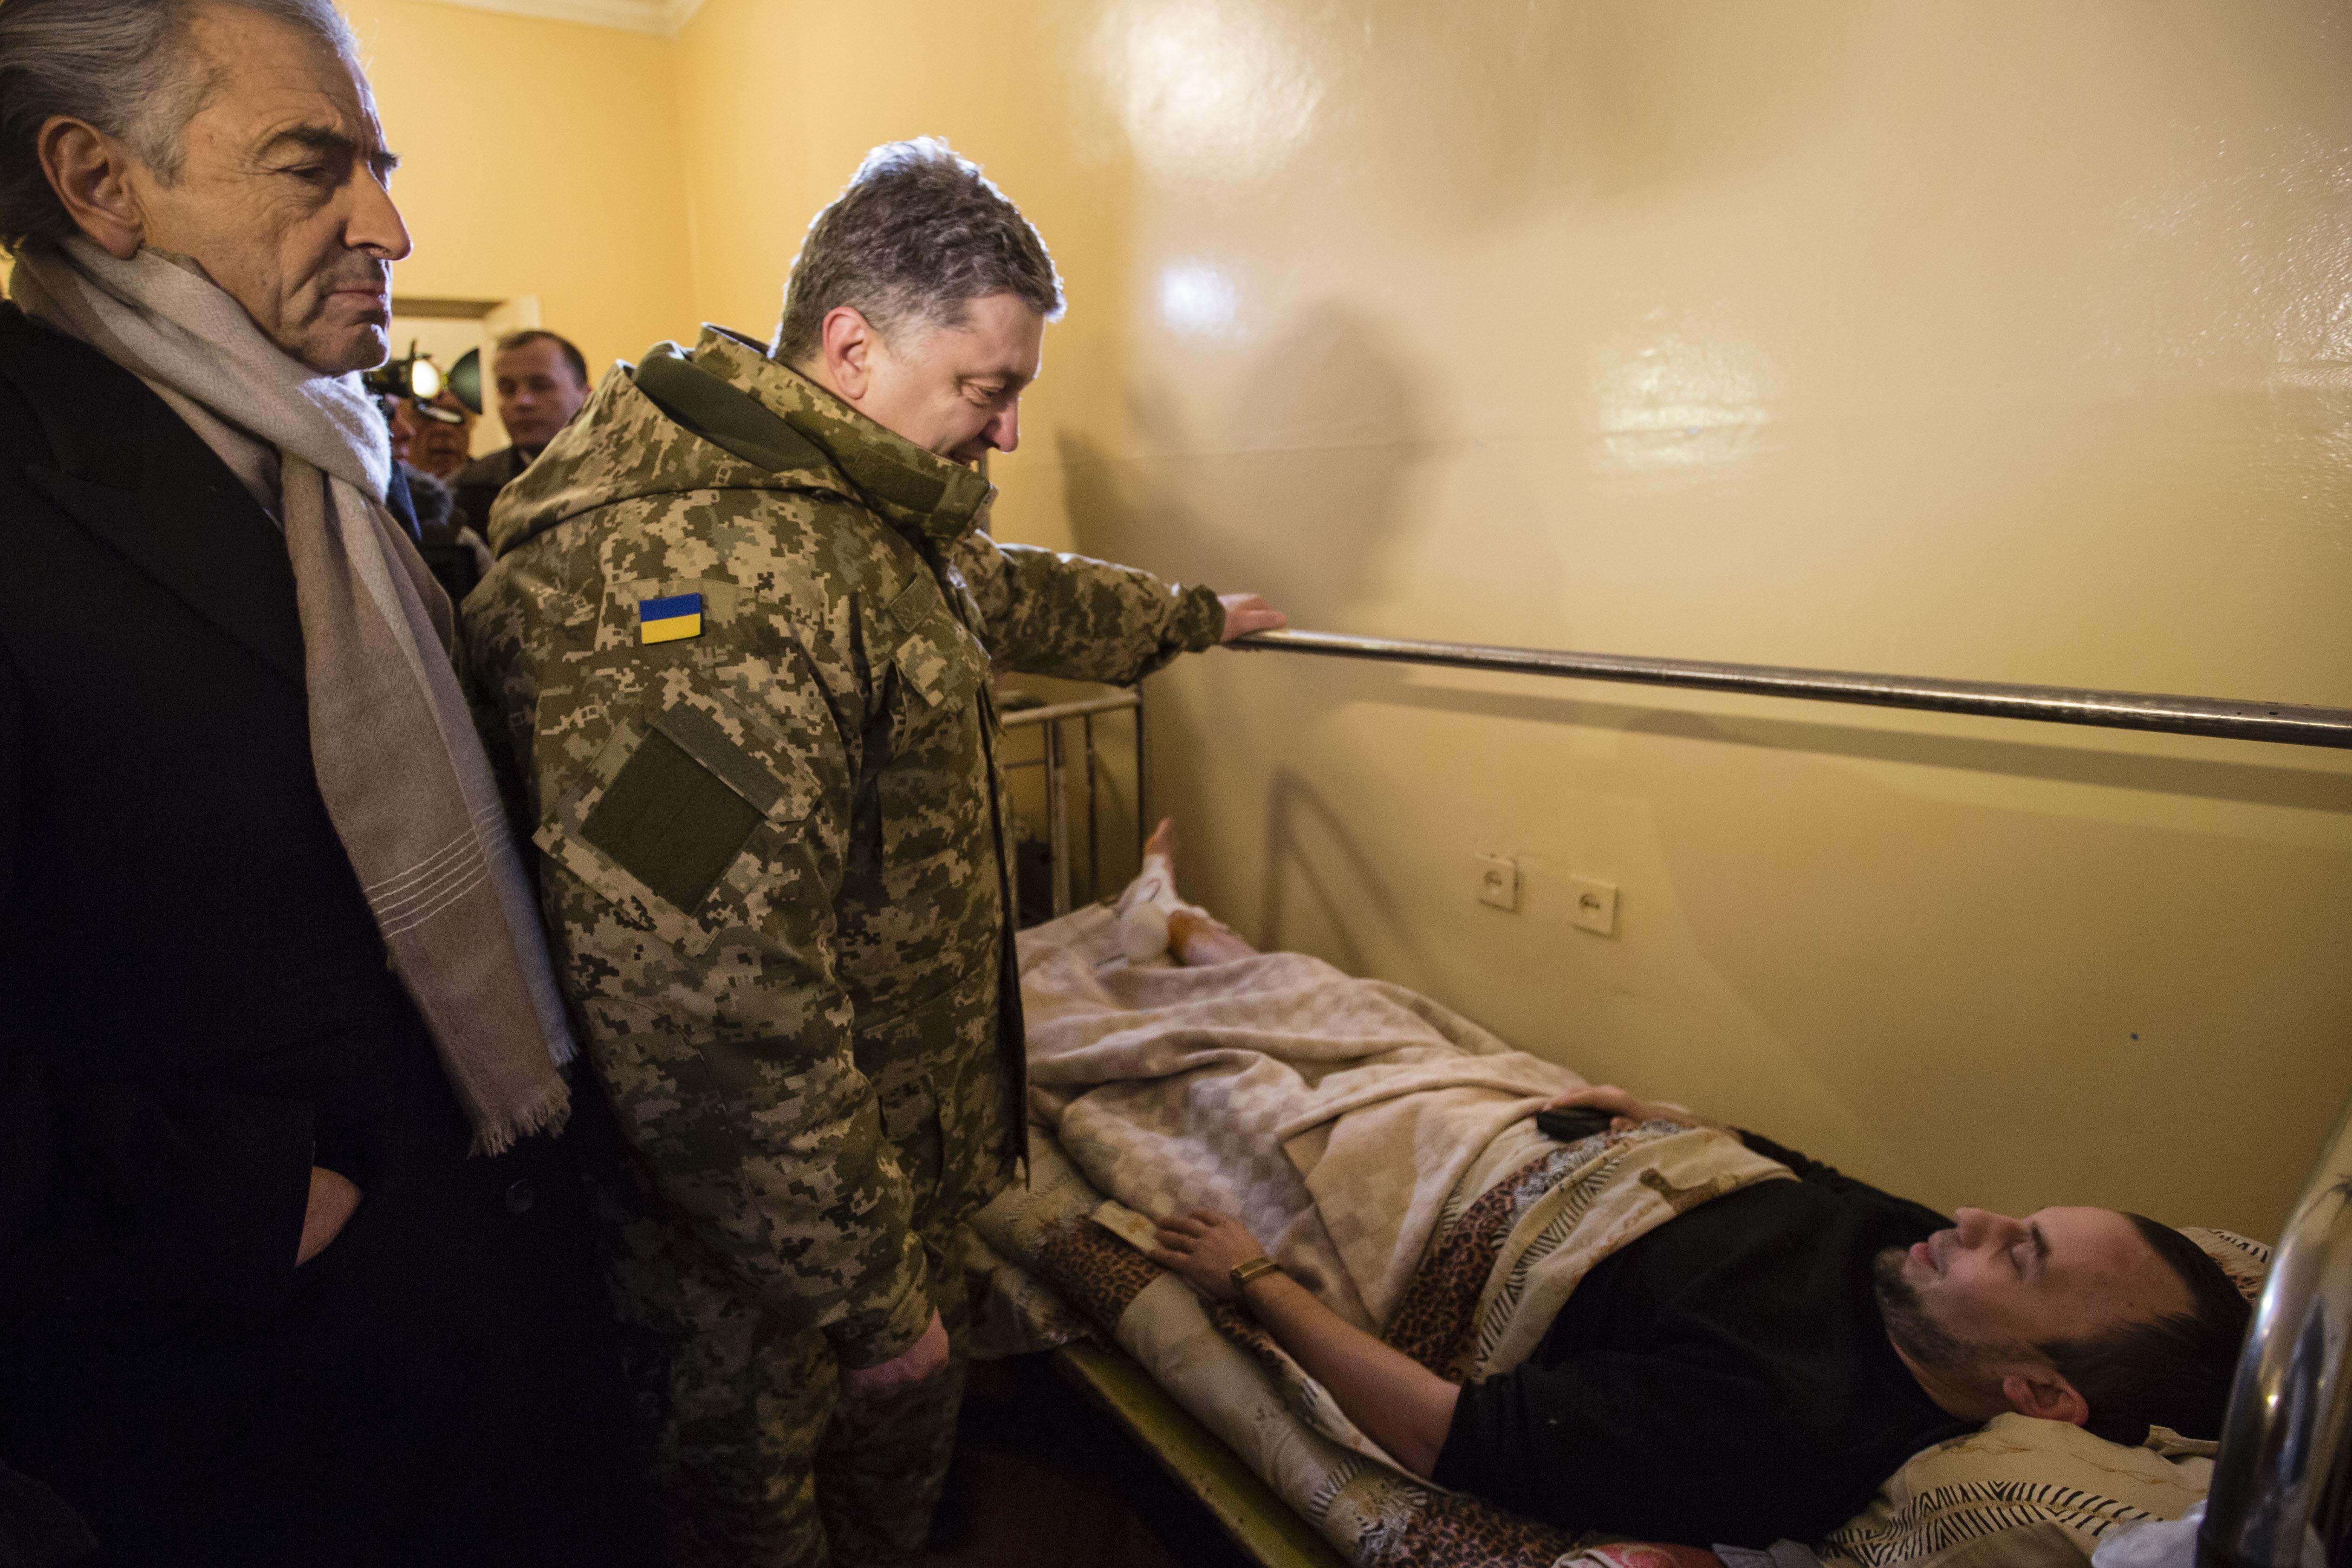 Porochenko-Kramatorsk_Bernard-Henri-Levy_Ukraine